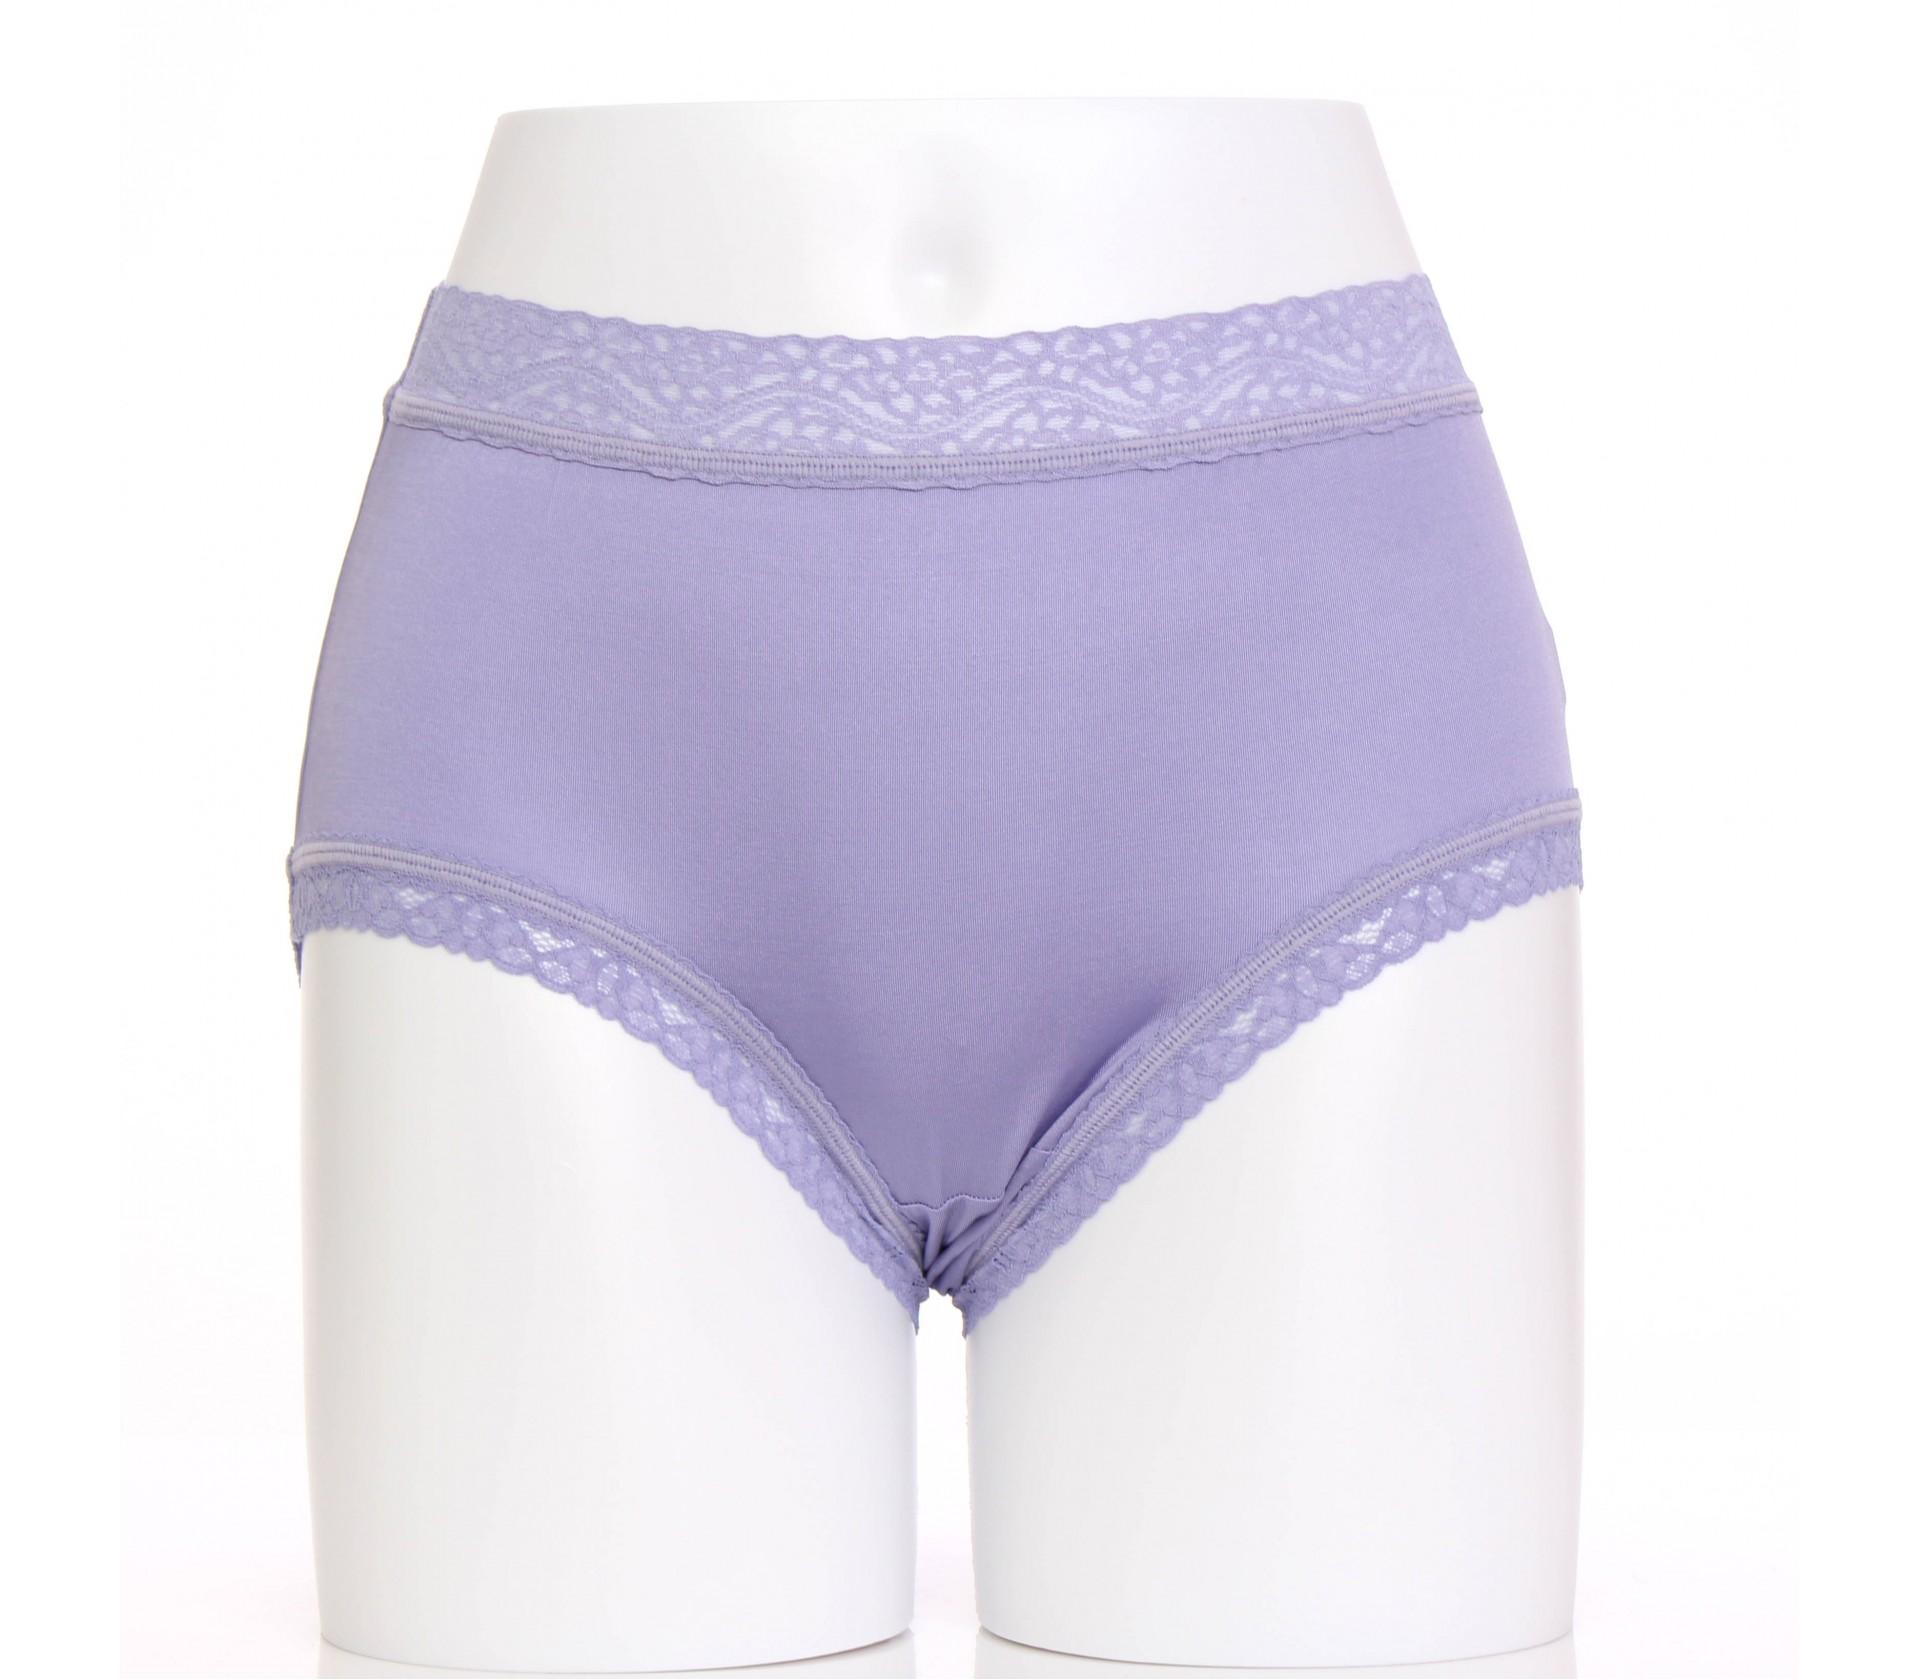 闕蘭絹精緻高密度100%蠶絲內褲-88791(紫色)